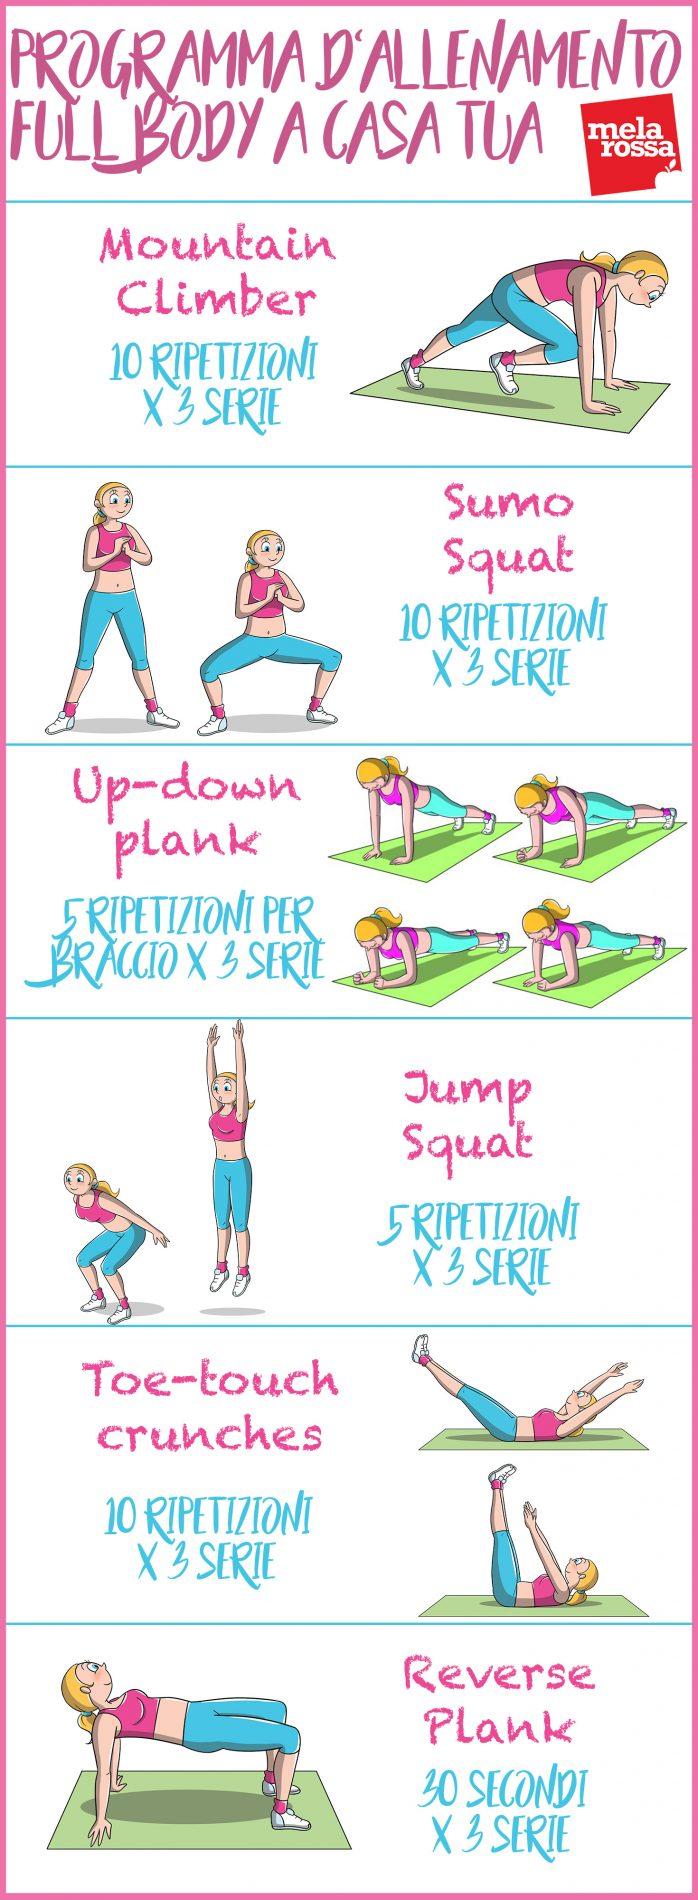 circuito di allenamento full body